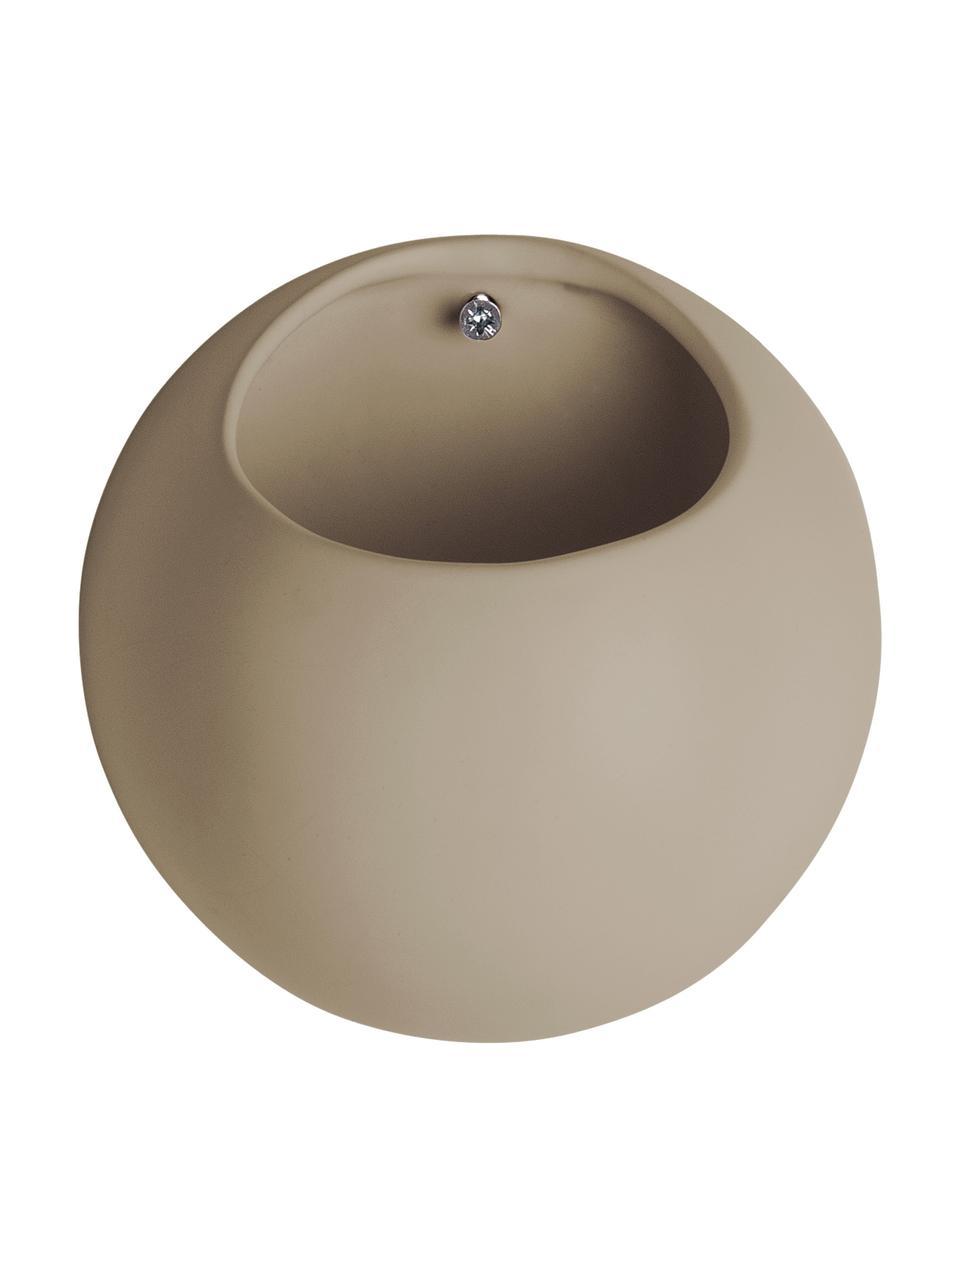 Ścienna osłonka na doniczkę z ceramiki Globe, Ceramika, Beżowy, Ø 15 x W 10 cm